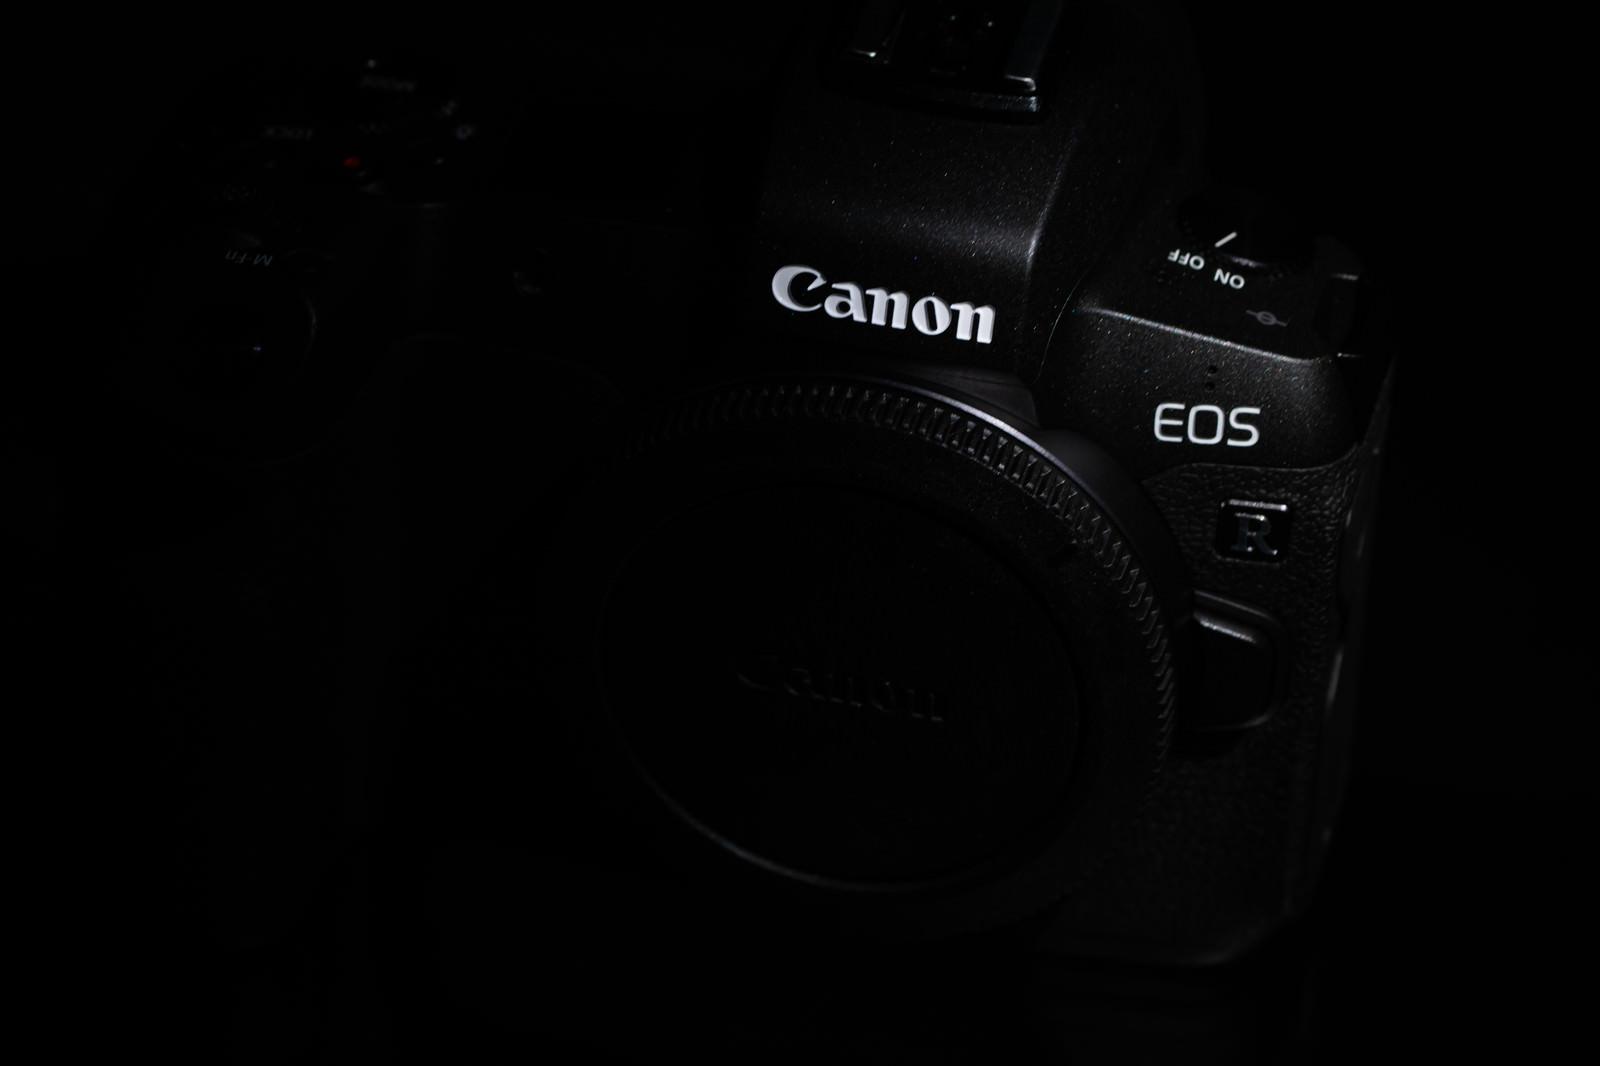 「ミラーレス一眼レフカメラ レンズ未装着ボディ(CANON EOS R)」の写真